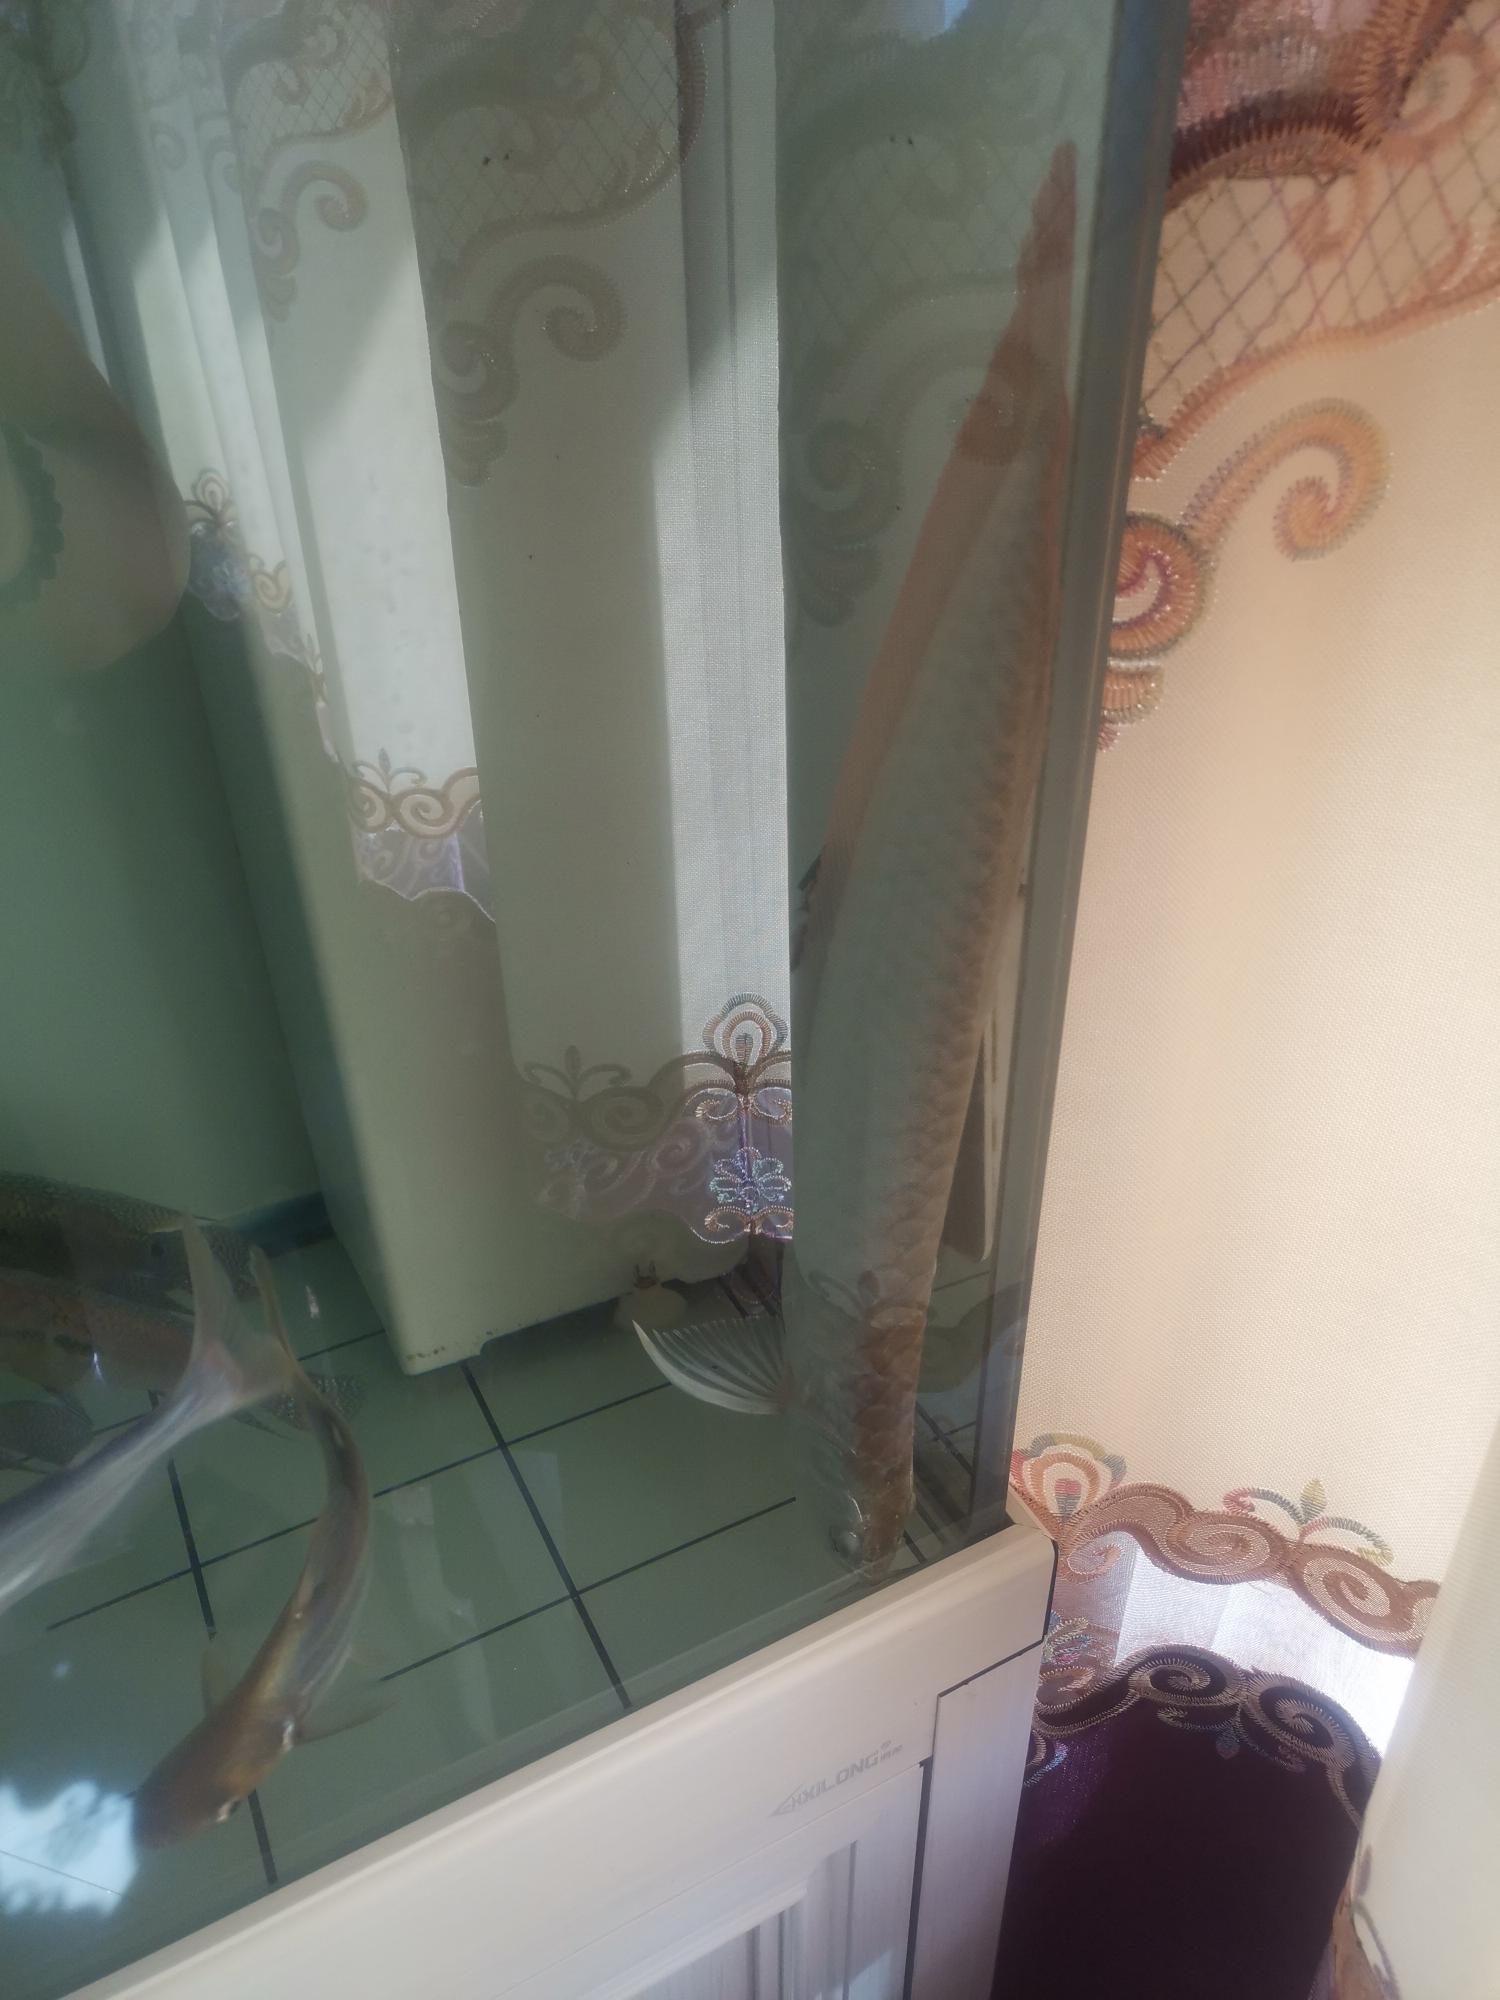 银龙莫名其妙的死了 杭州水族批发市场 杭州龙鱼第1张